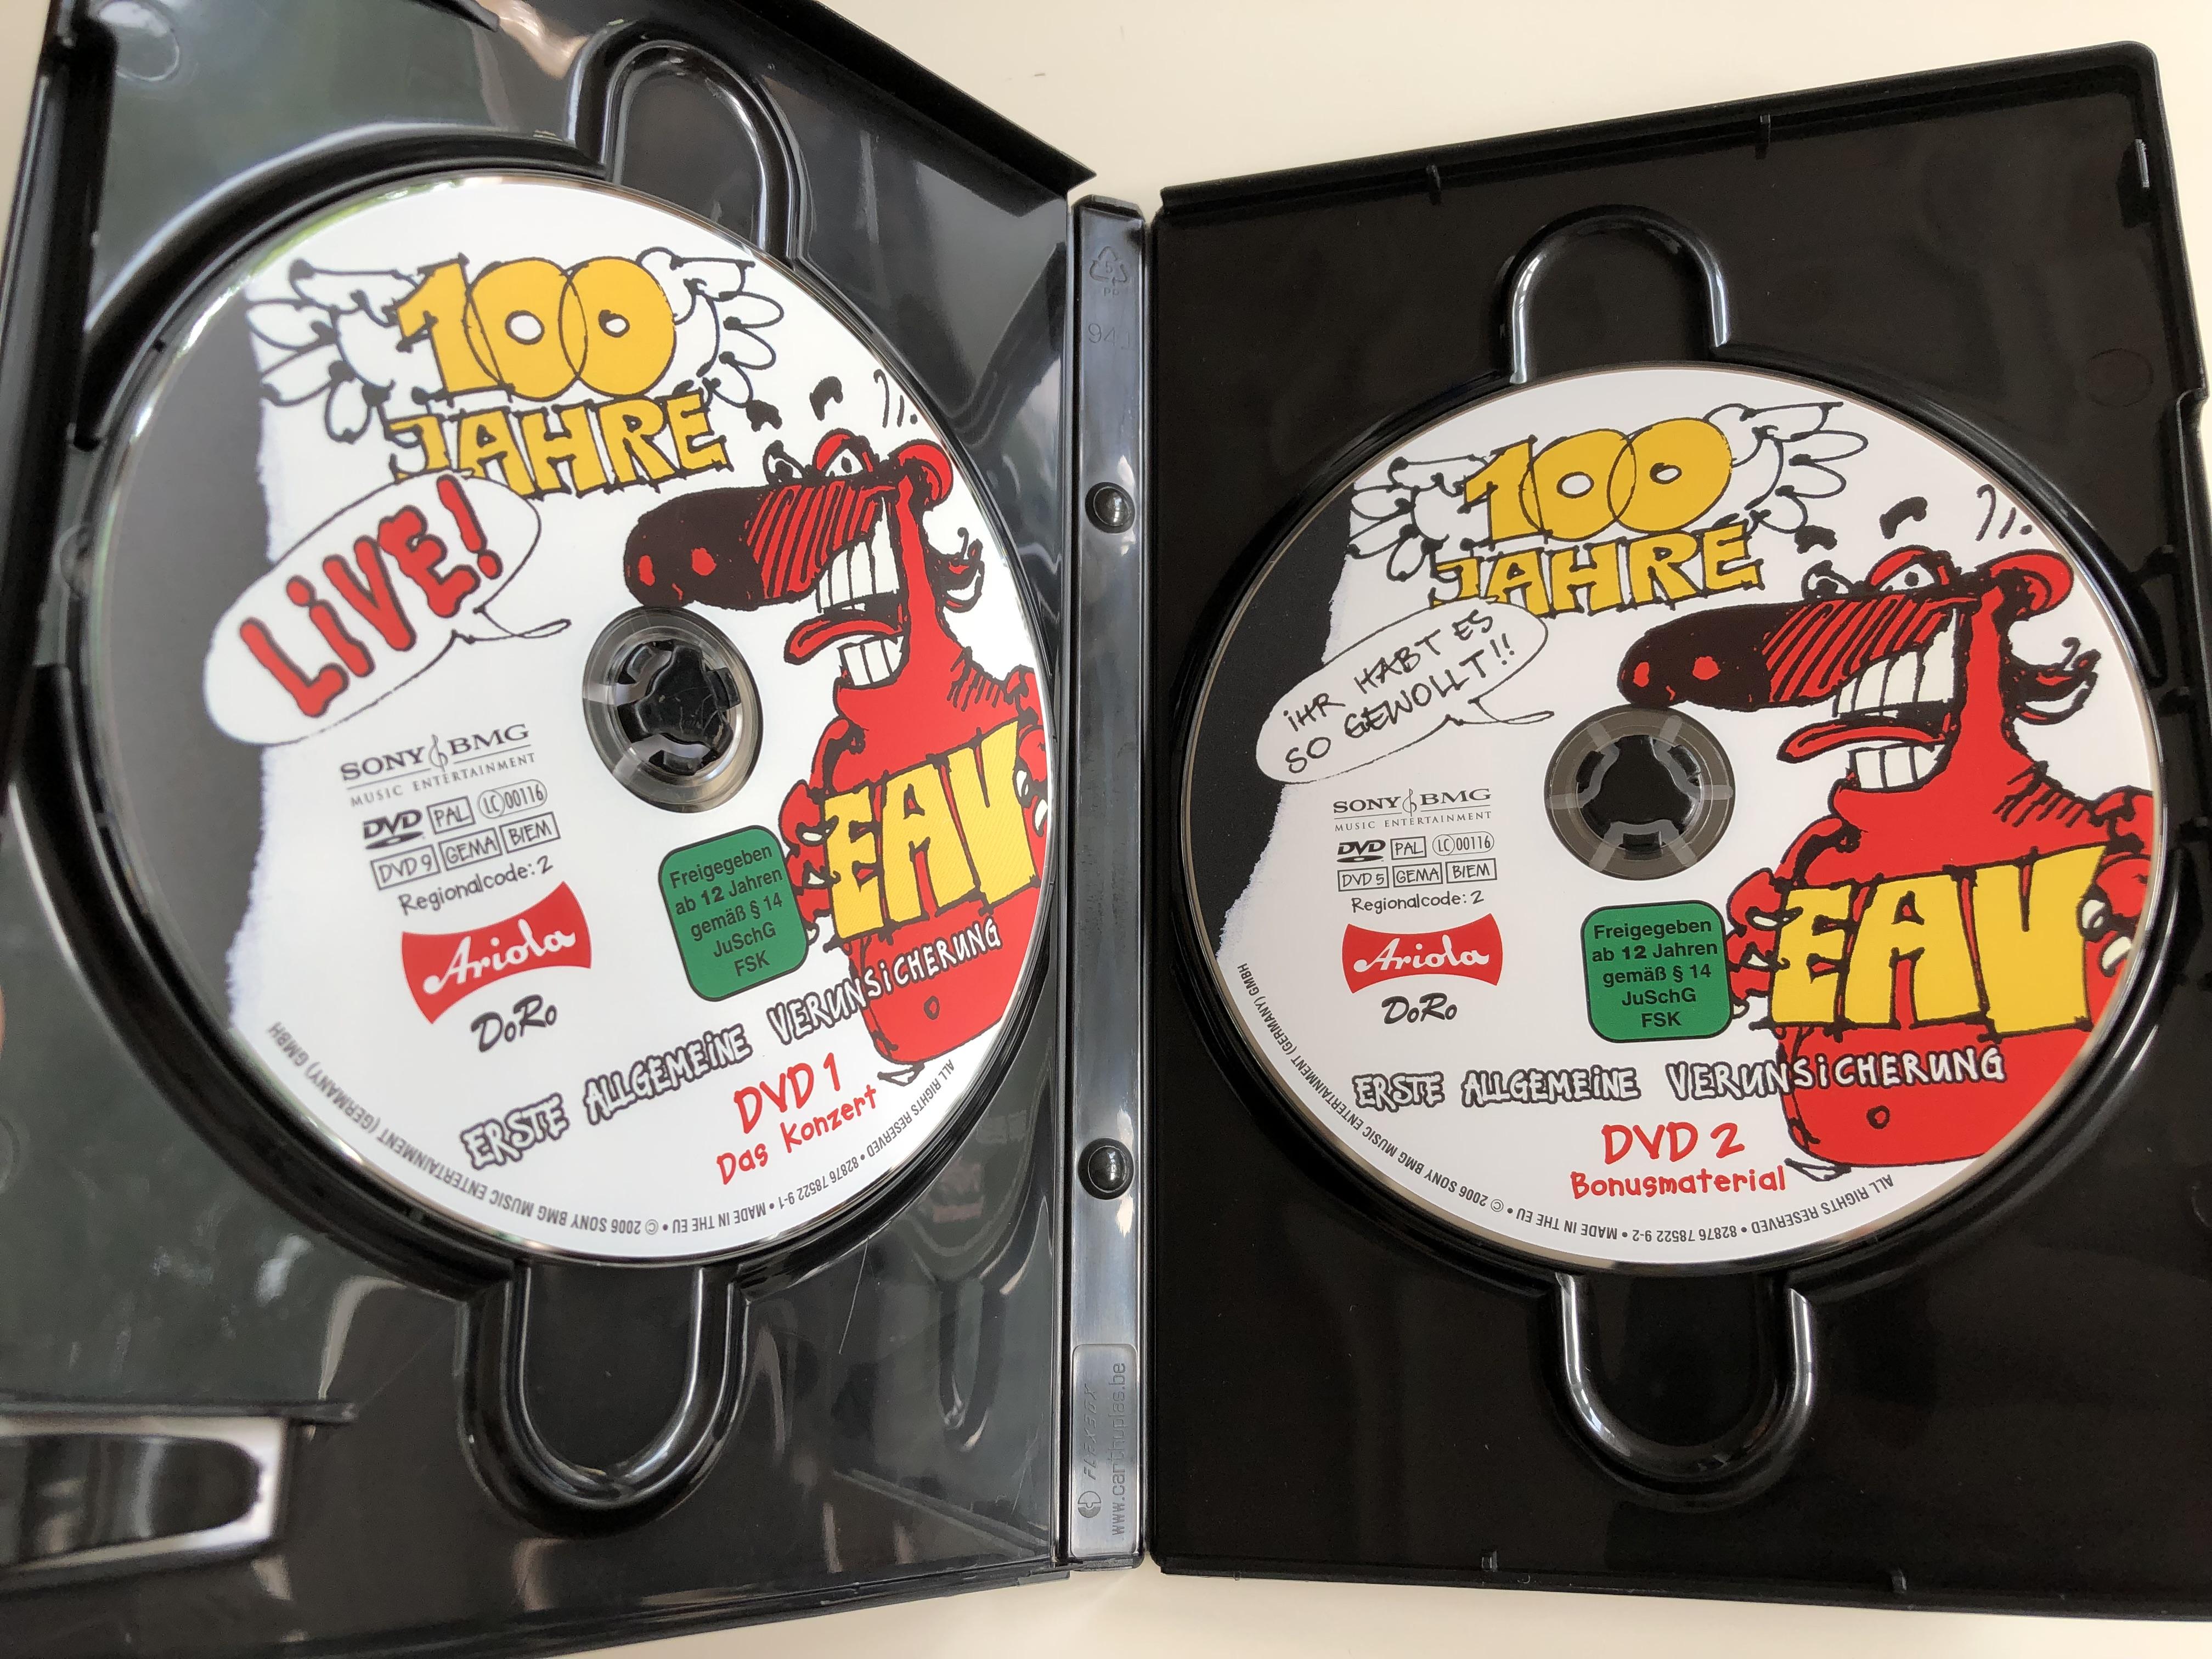 100-jahre-eav-live-dvd-2006-erste-allgemeine-verunsicherung-doppel-dvd-double-dvd-live-concert-dvd-bonus-disc-2-.jpg